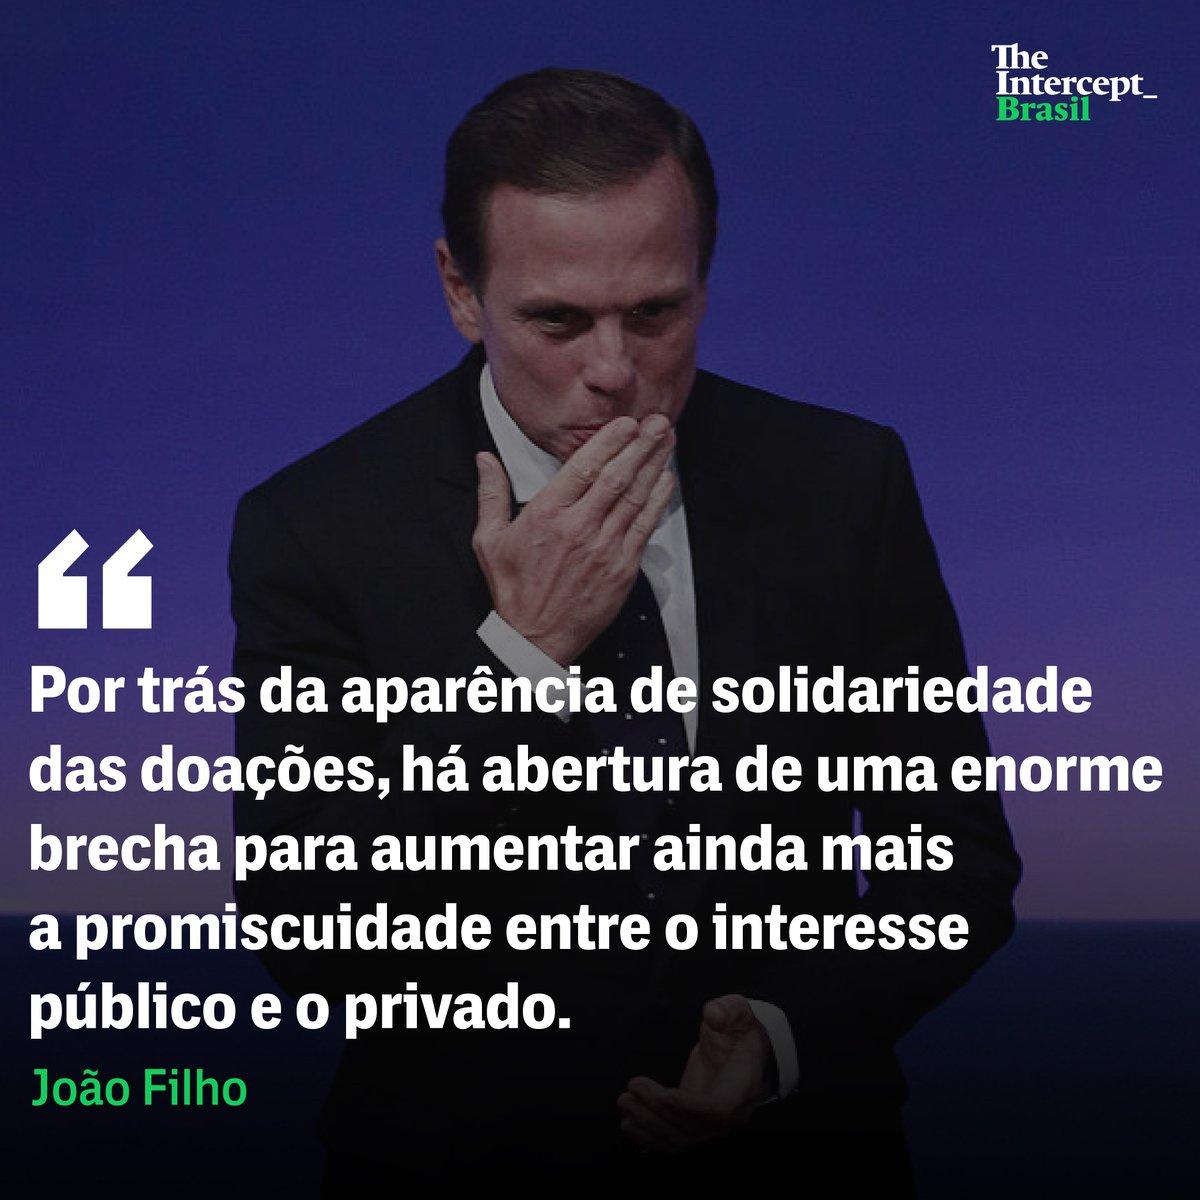 No governo das aparências de João Doria, quem mais sai ganhando são as grandes empresas. https://t.co/FjvPzZ8uL8